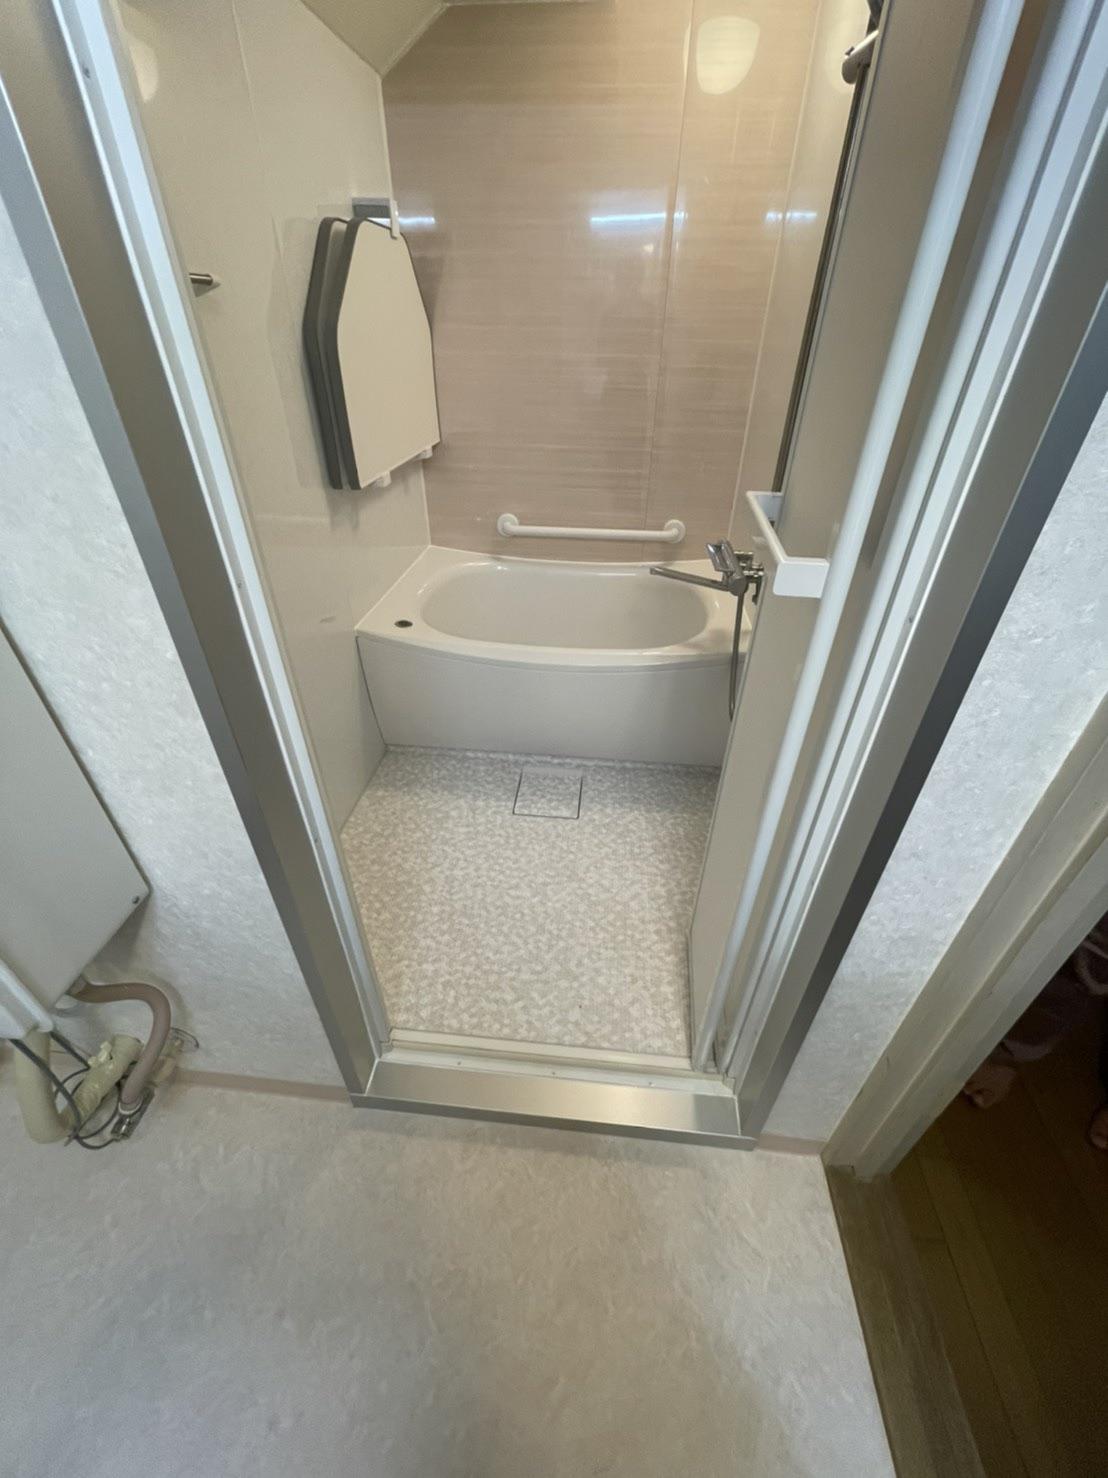 一工夫で少し変わった浴室も綺麗なユニットバスに